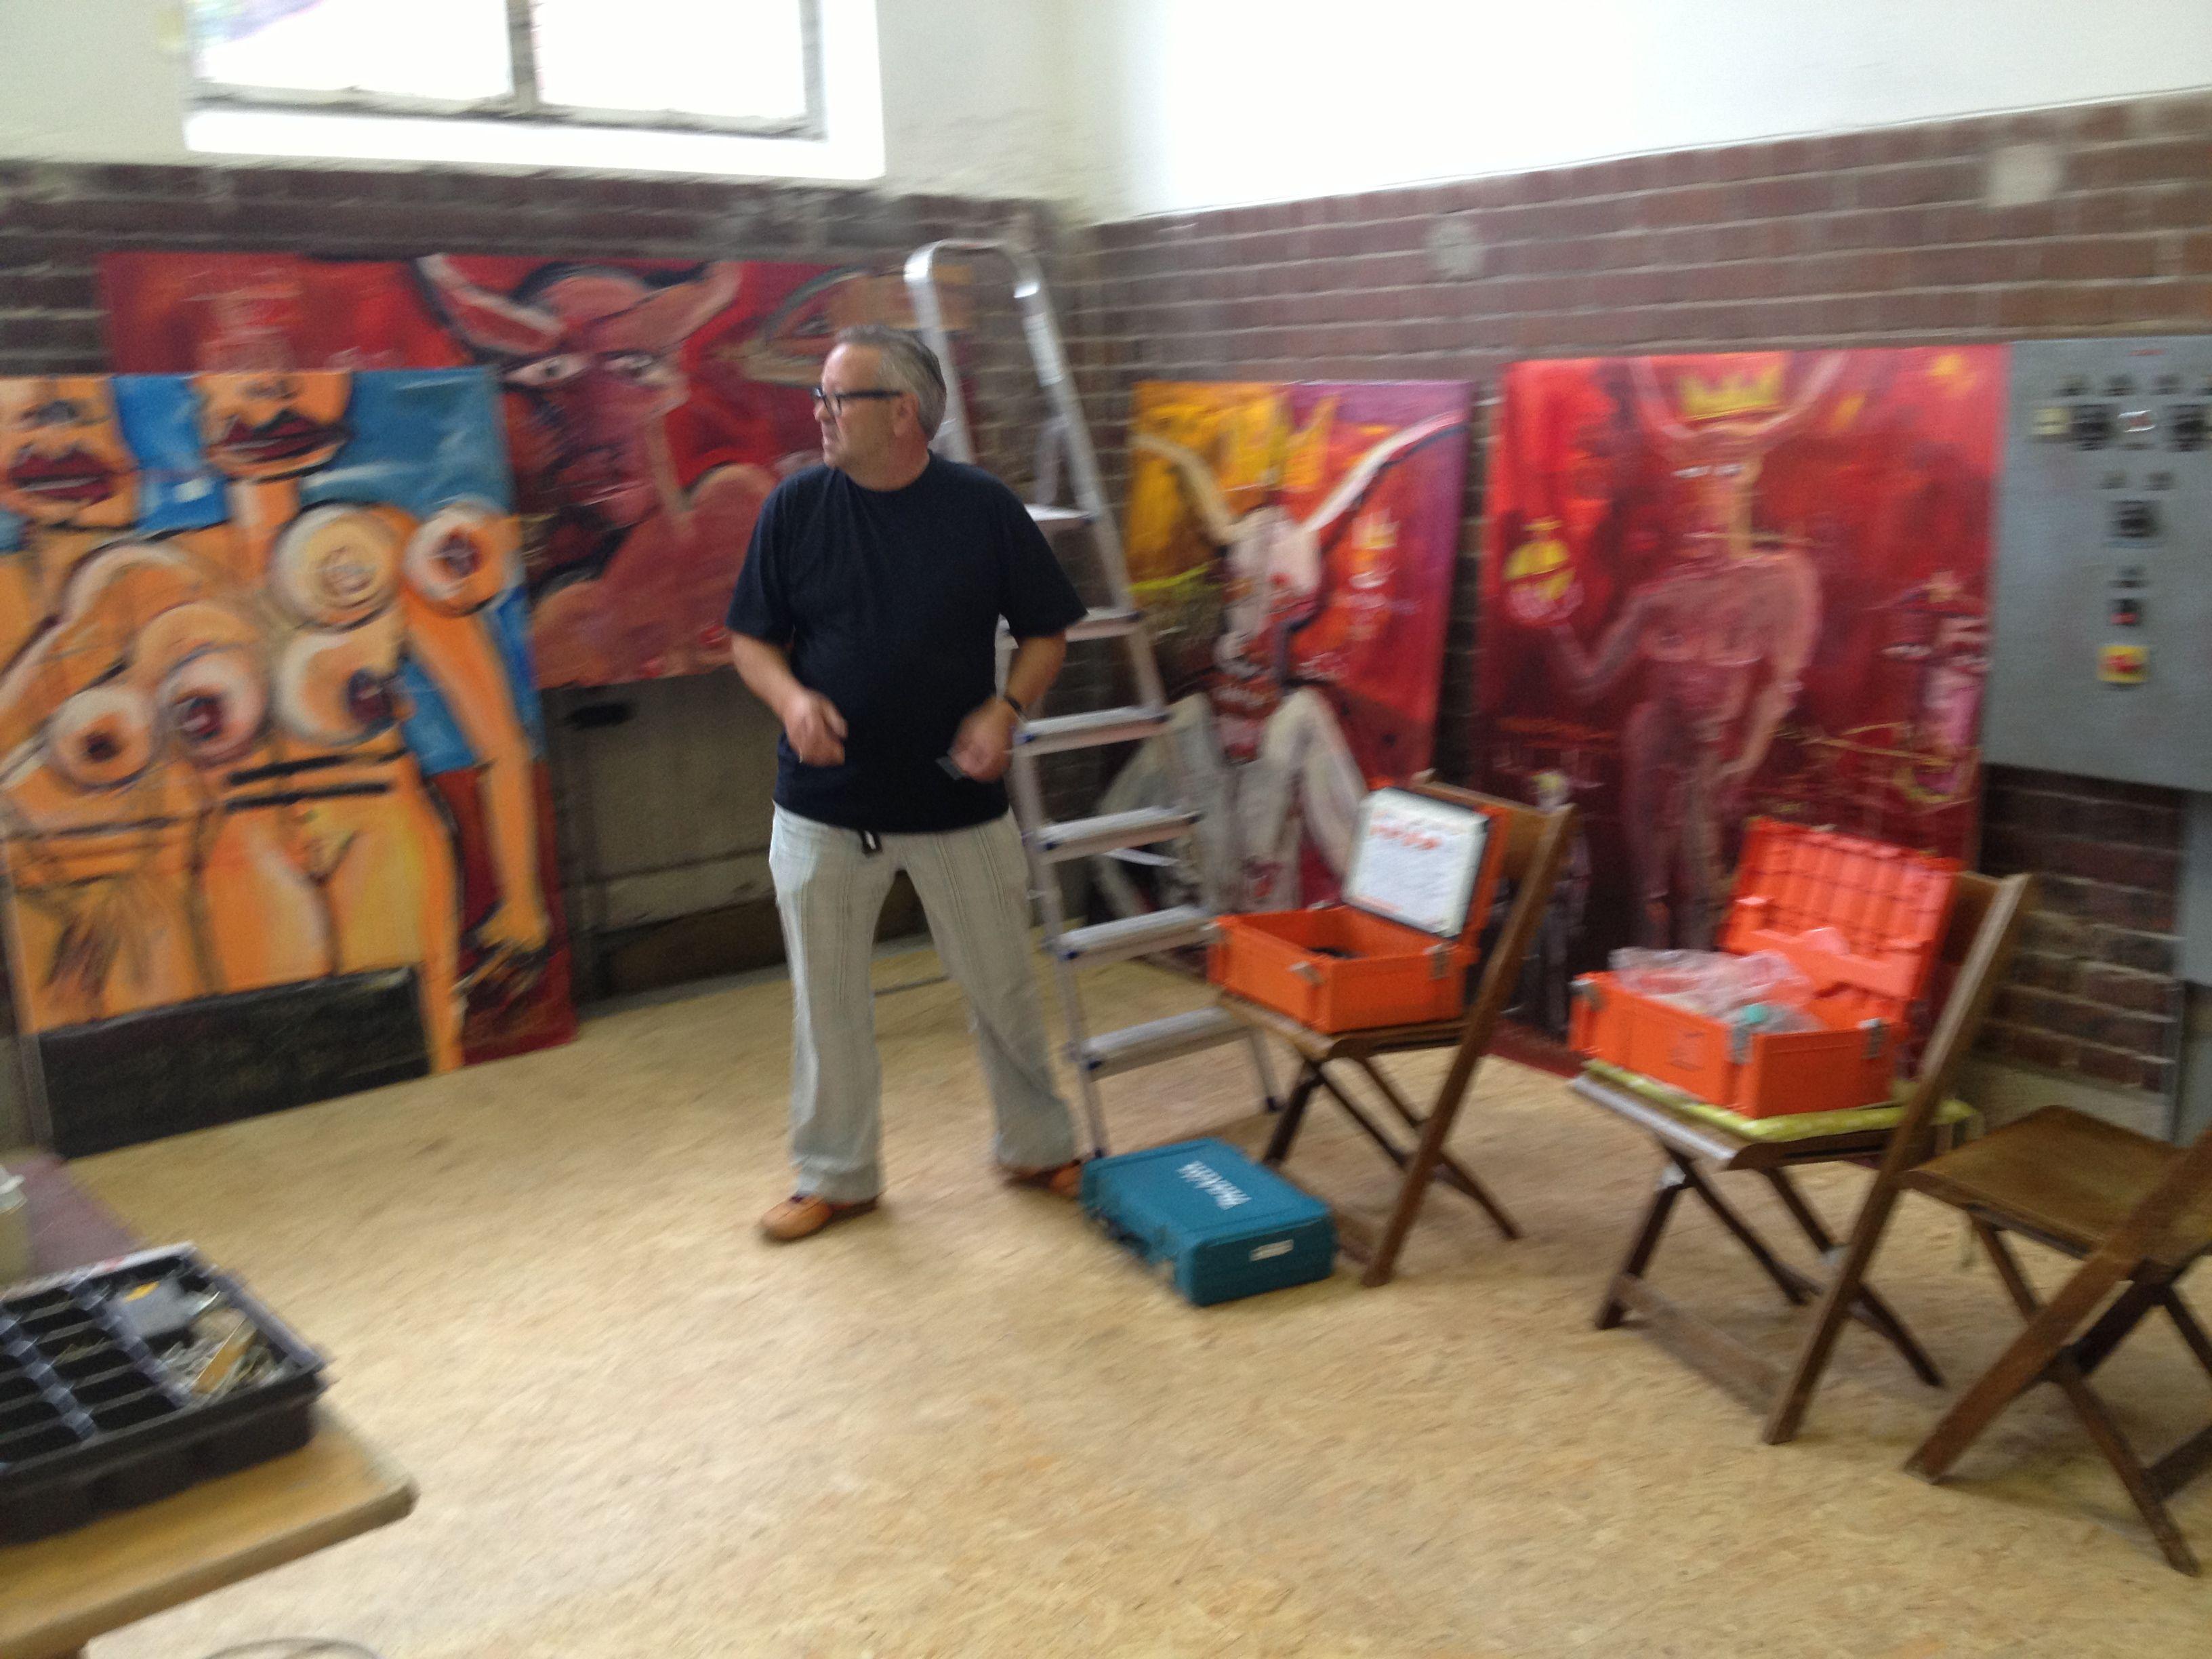 Der Aufbau der Ausstellung ist nicht zu unterschätzen. Mario Sprinz ...